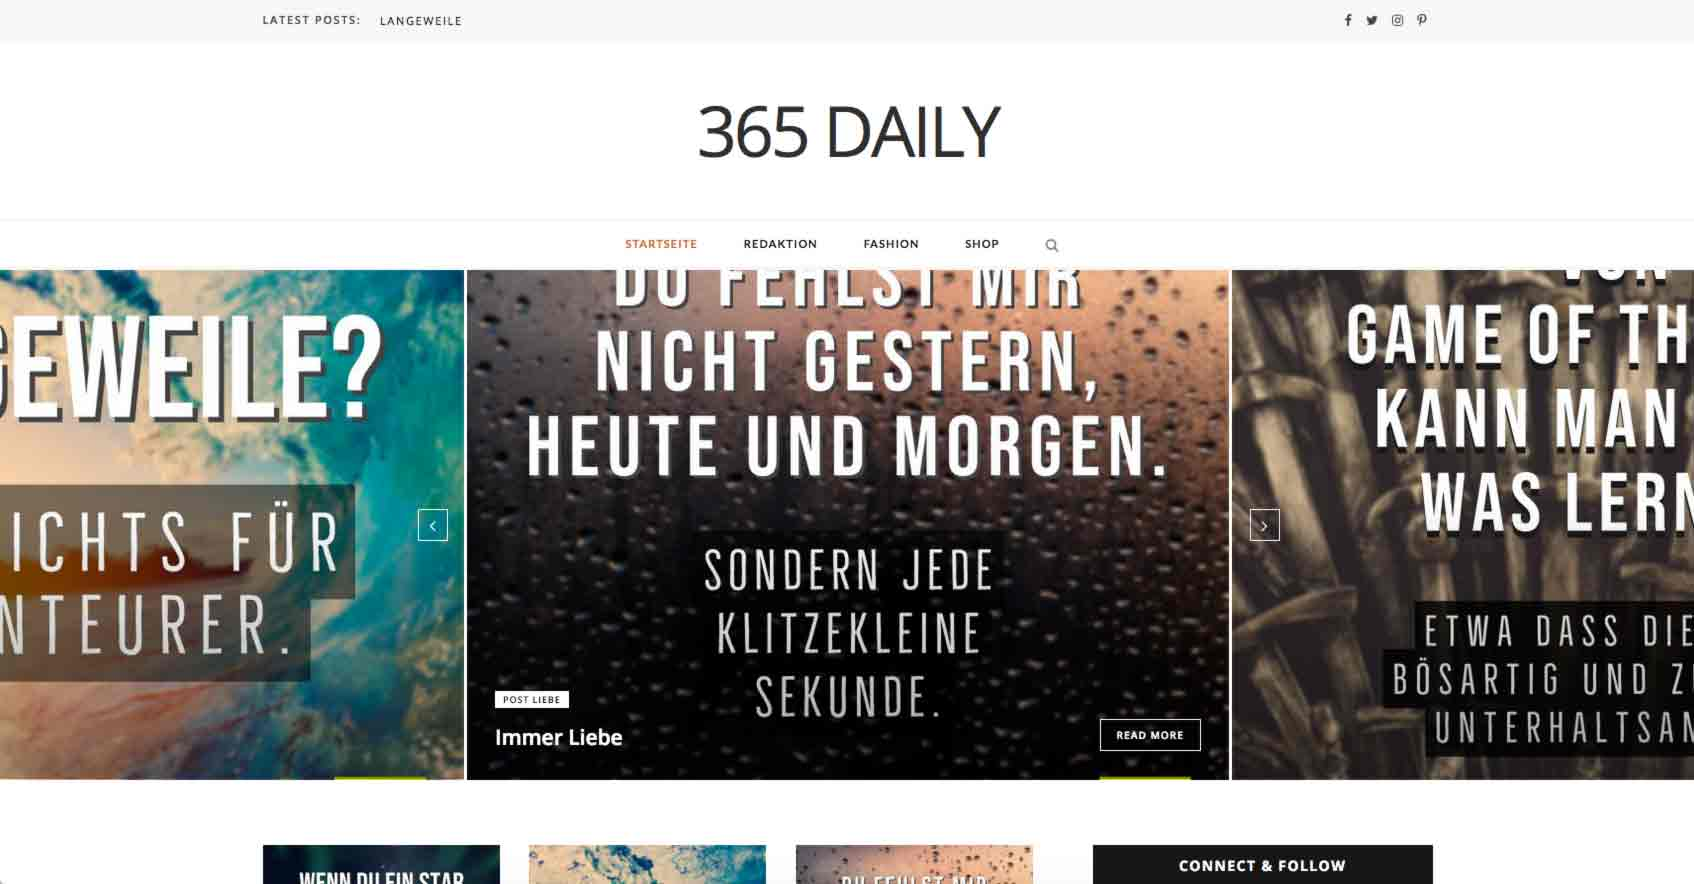 Screenshot von 365 Internetseite für Livestyle